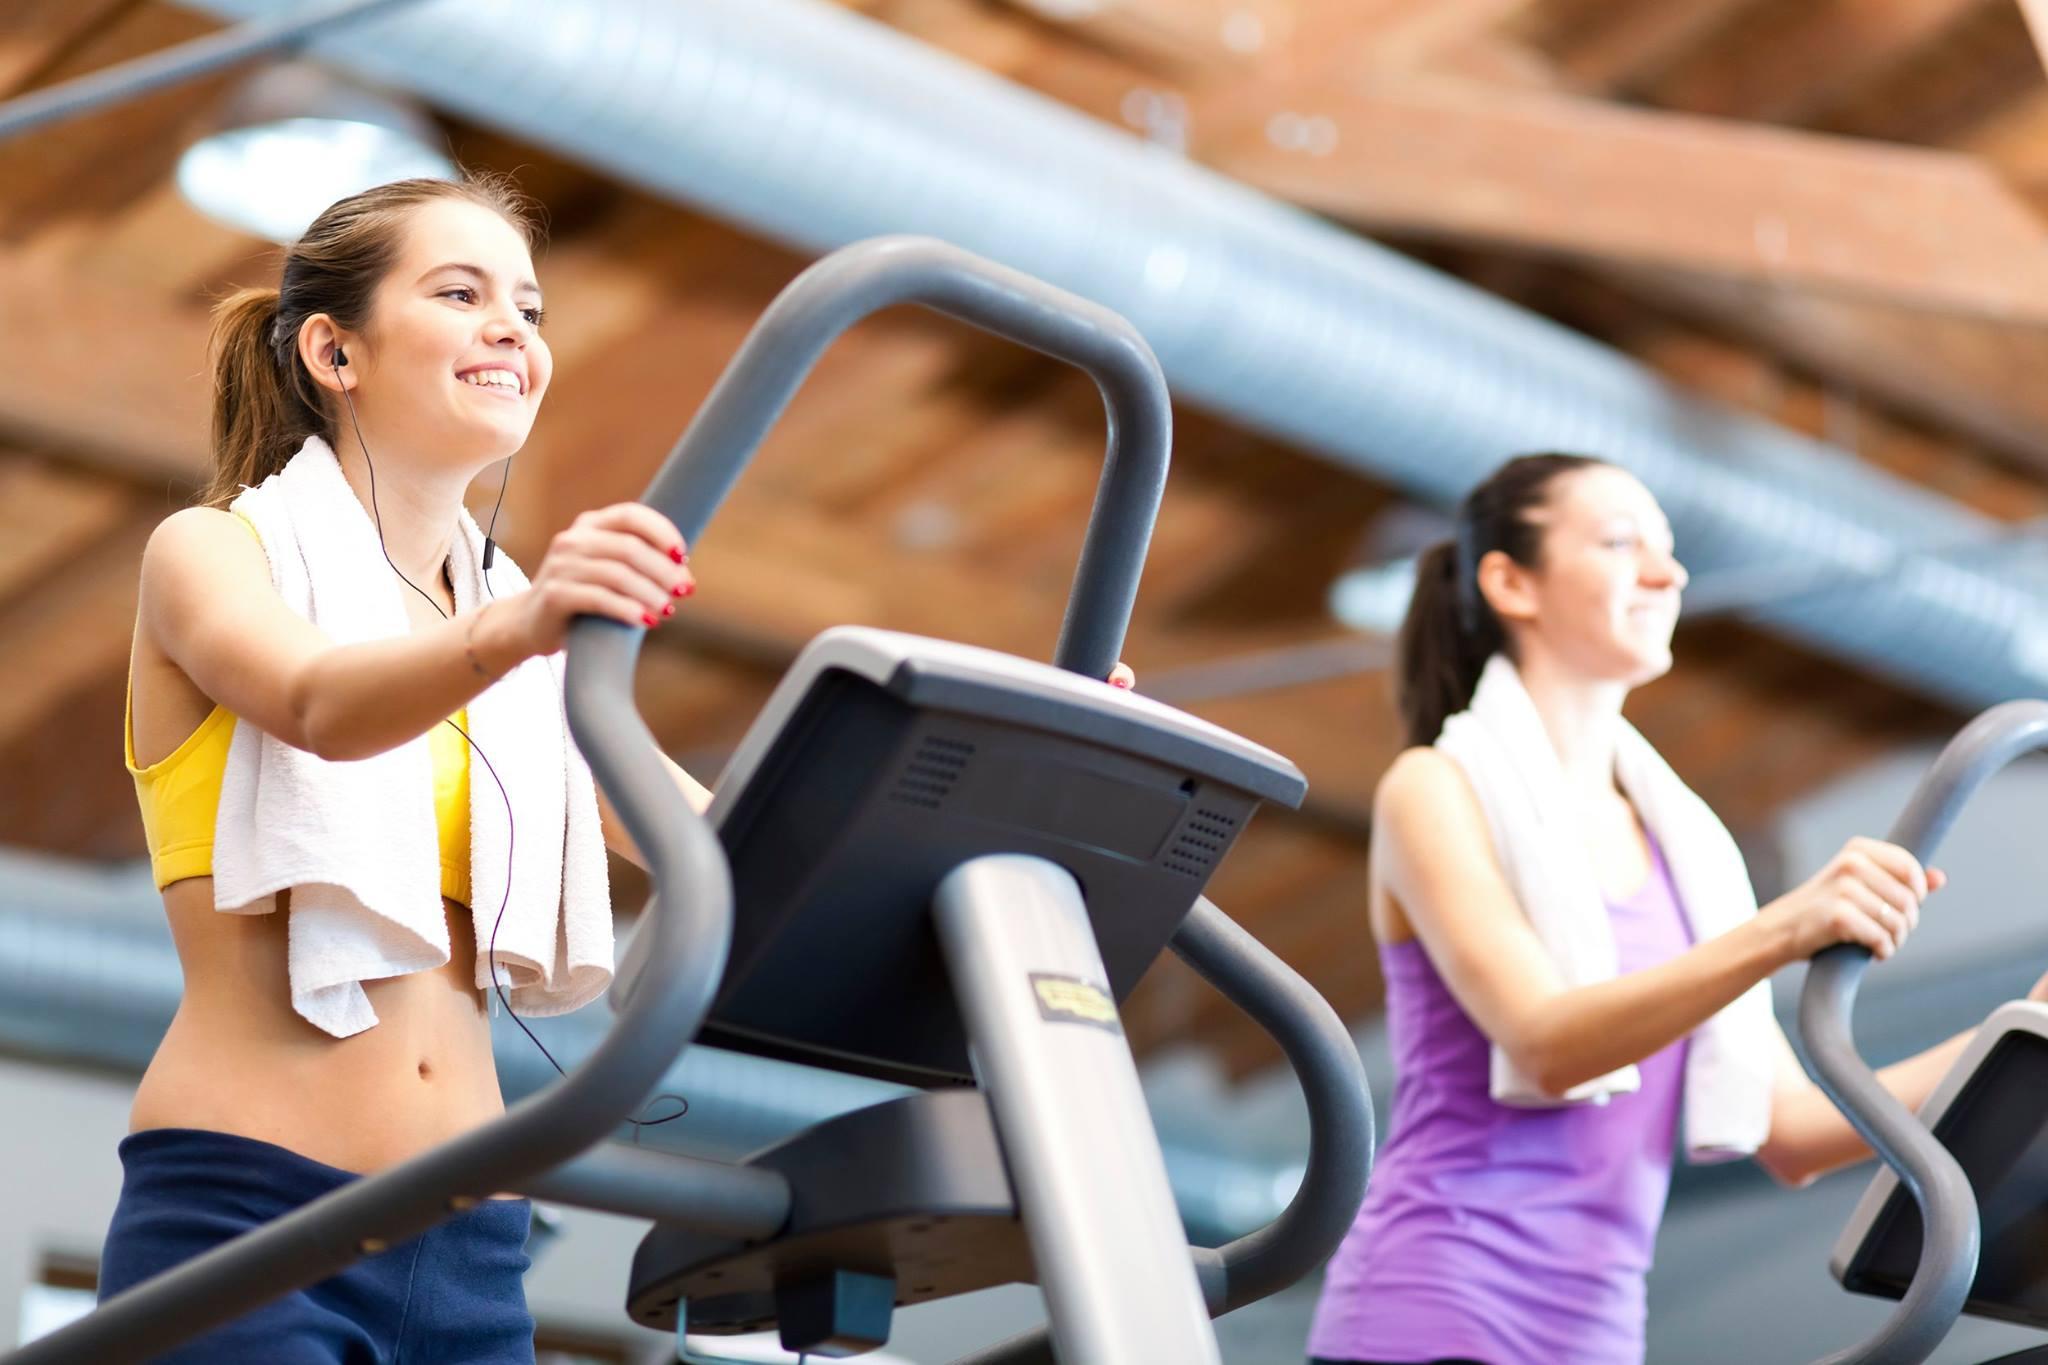 Bí quyết để luôn hào hứng khi đi tập gym